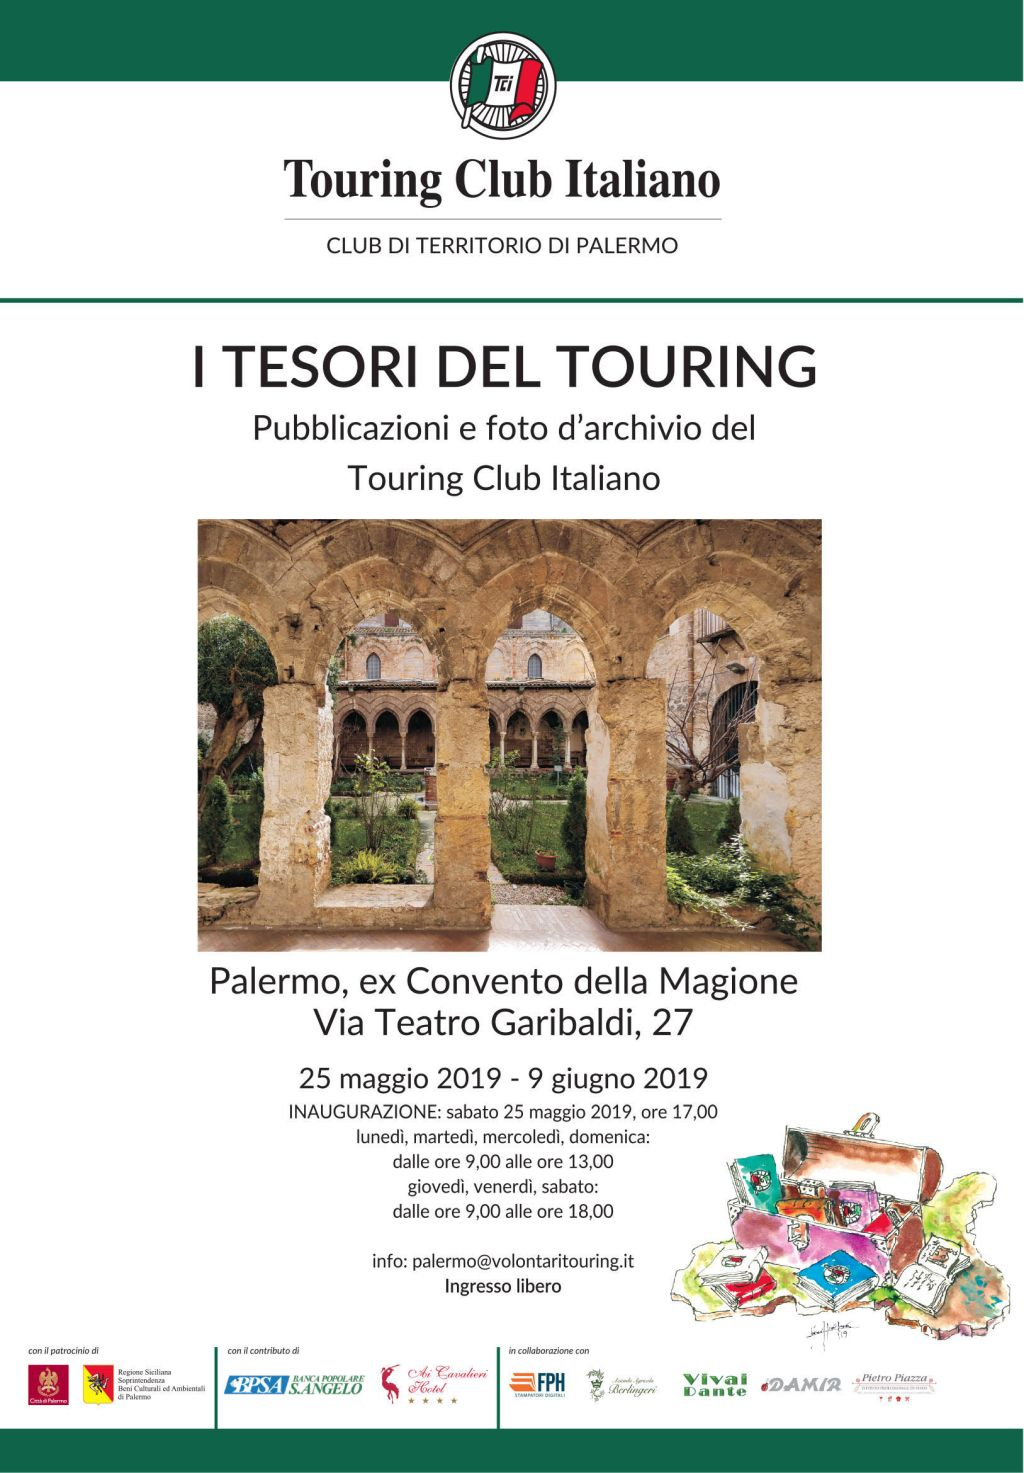 I Tesori del Touring – Palermo ex Convento della Magione 2019